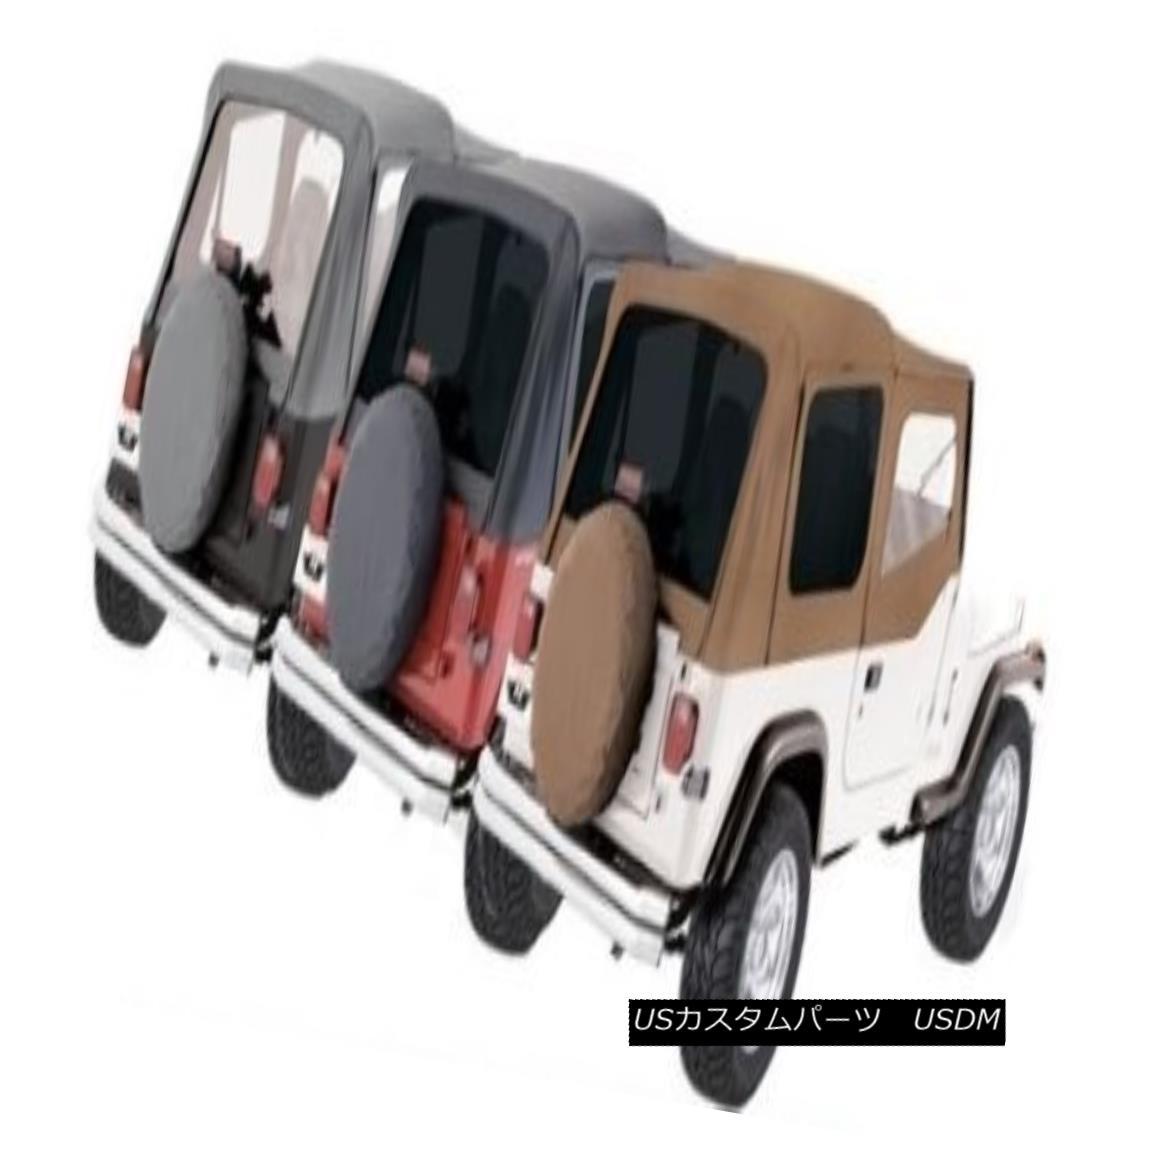 幌・ソフトトップ Rampage Factory Replacement Soft Top 88-95 Jeep Wrangler YJ 99611 Gray Rampage Factory Replacementソフトトップ88-95ジープラングラーYJ 99611グレー